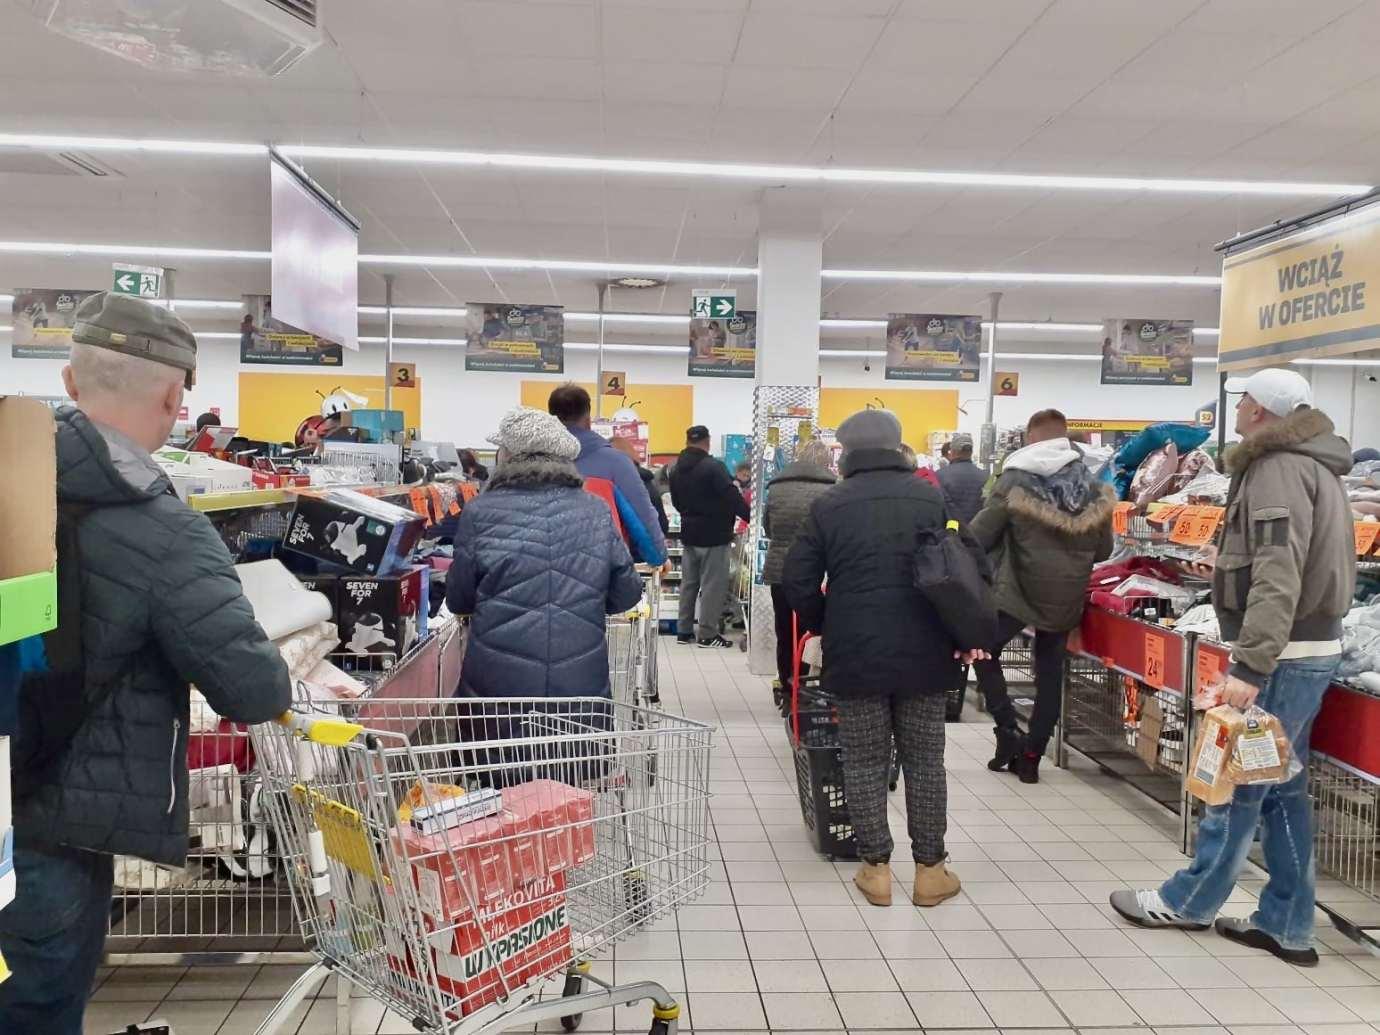 89822950 508931253349787 3352448976434495488 n Tłumy w zamojskich marketach. Premier: nie ma potrzeby robienia zakupów na zapas.